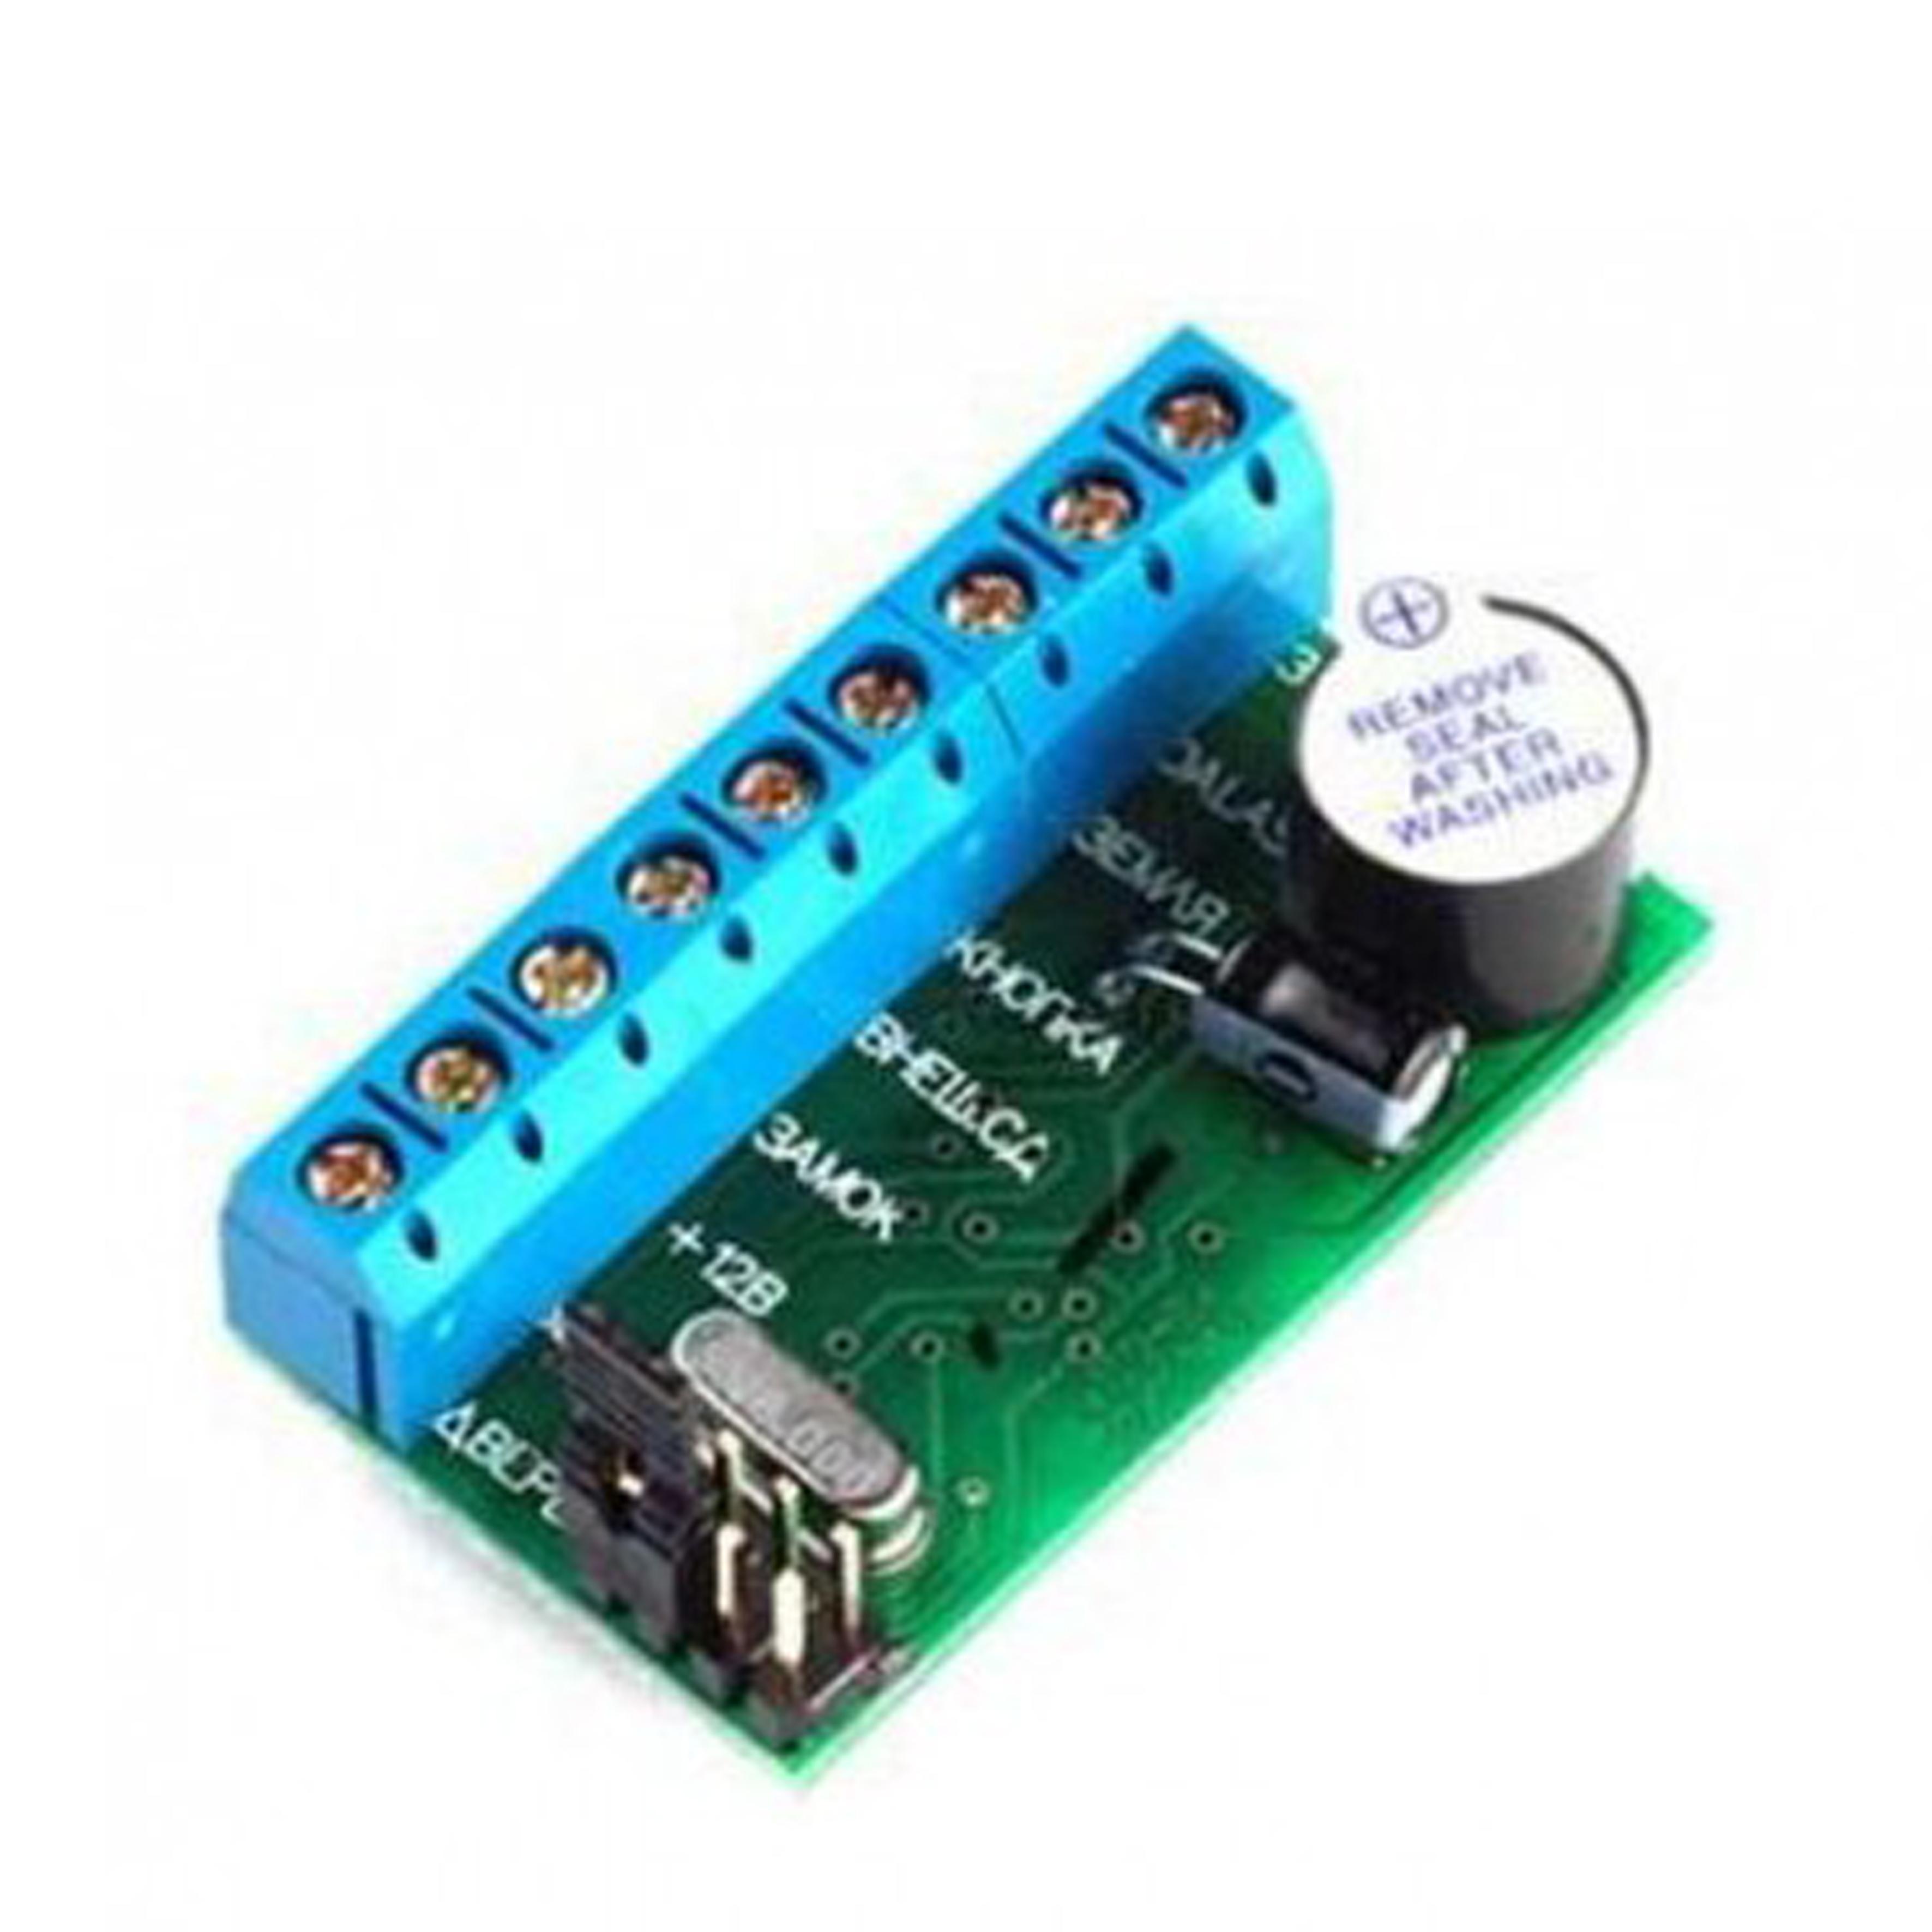 Автономная система контроля доступа на базе контроллера z5r